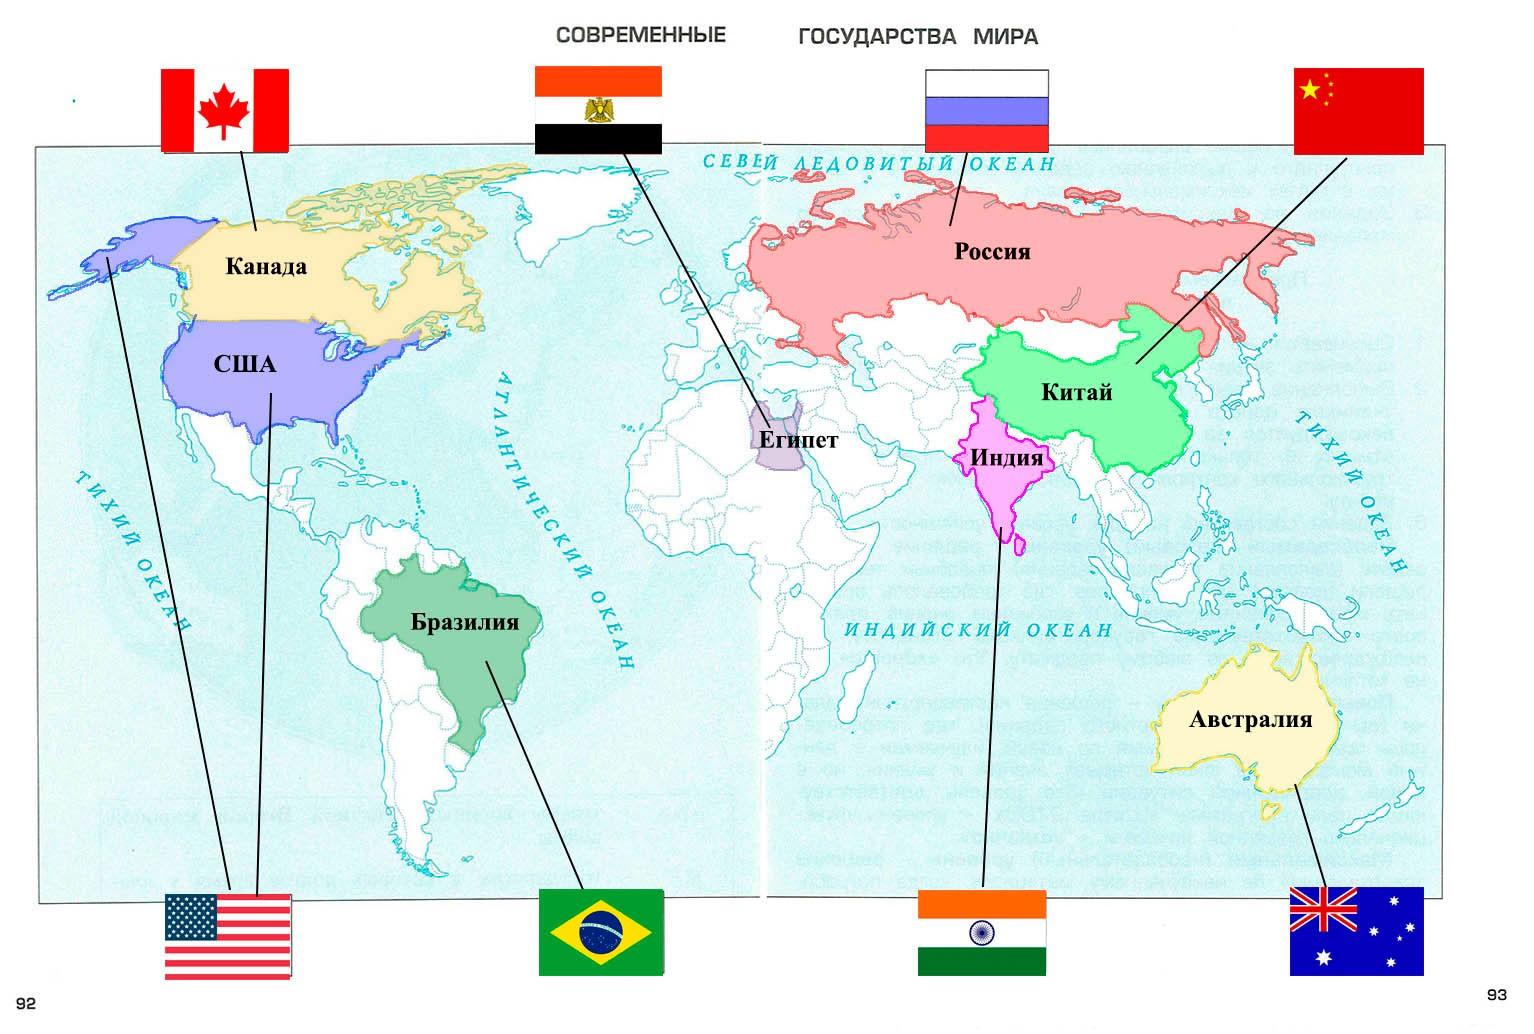 """Контурная карта """"Современные государства мира"""" - Харитонова 4 класс 2 часть. Рабочая тетрадь"""